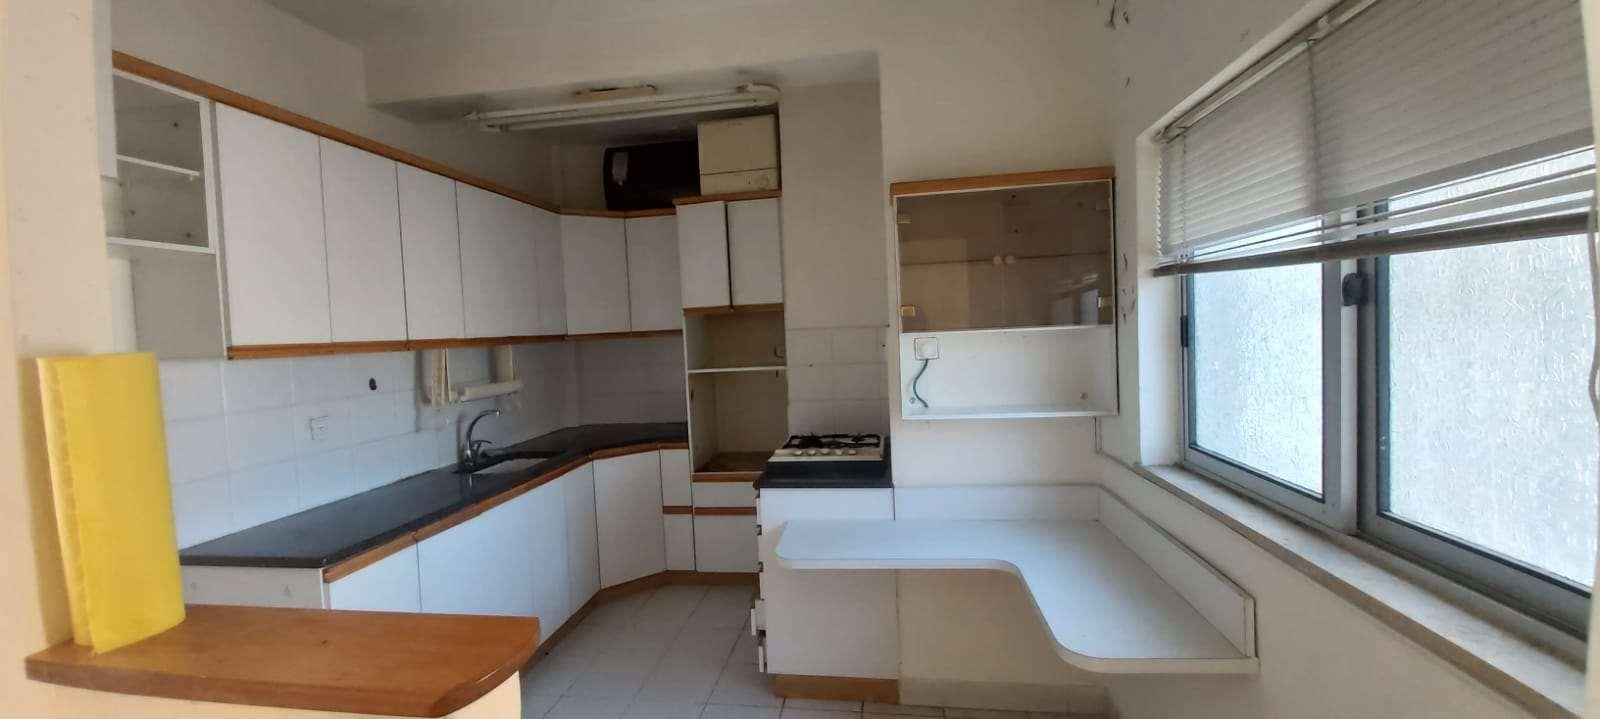 תמונה 3 ,דירה 3.5 חדרים ביאליק בית הכרם ירושלים